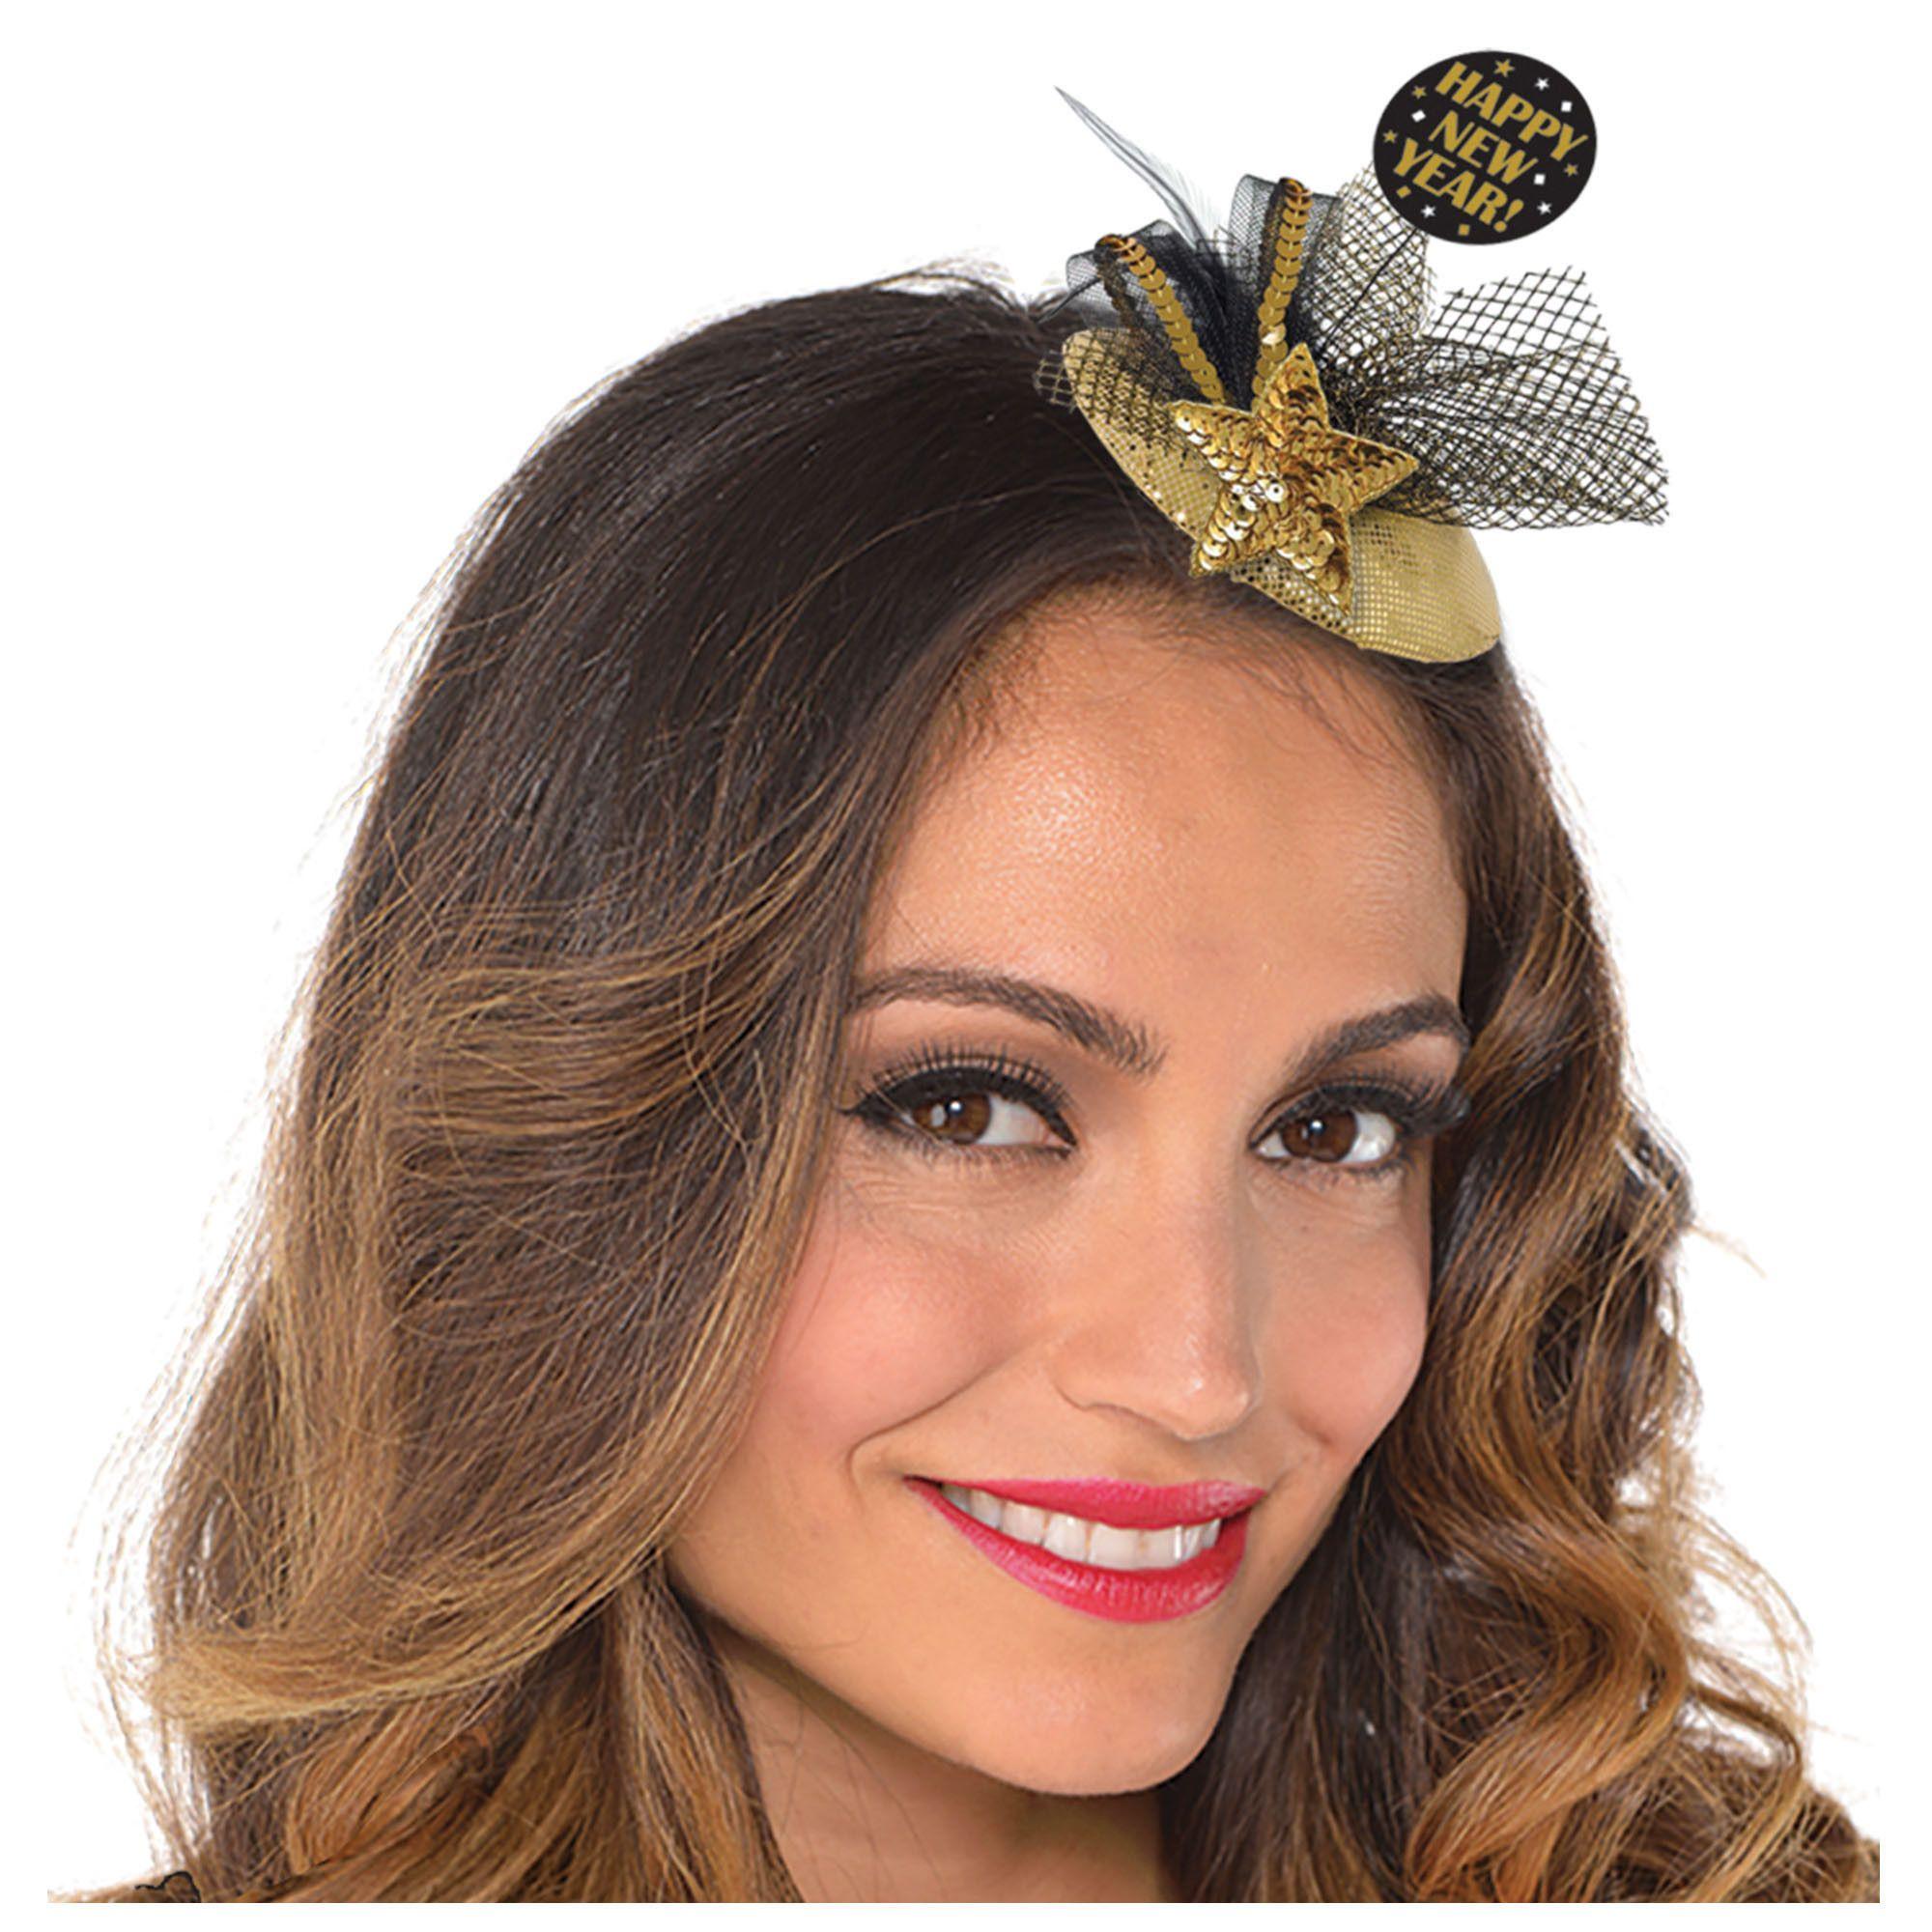 Glitzy Clip-On Couture Hat